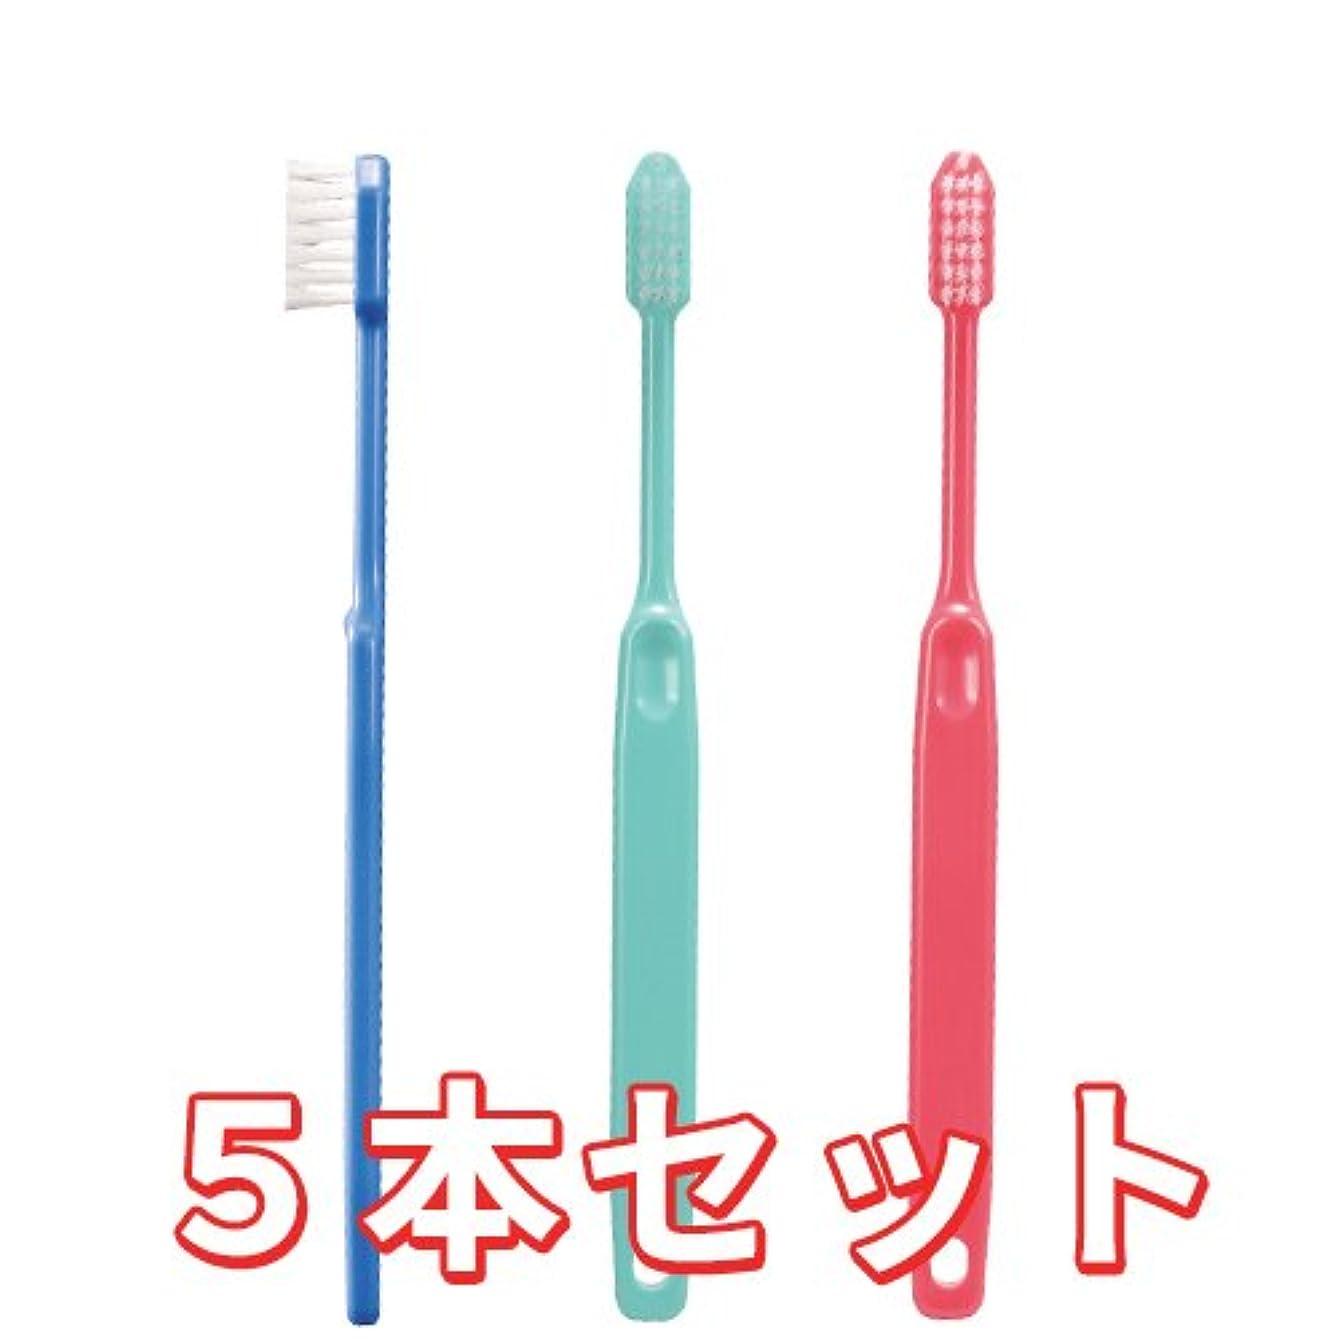 研究所ヒューム倍増Ciメディカル 歯ブラシ コンパクトヘッド 疎毛タイプ アソート 5本 (Ci25(やわらかめ))